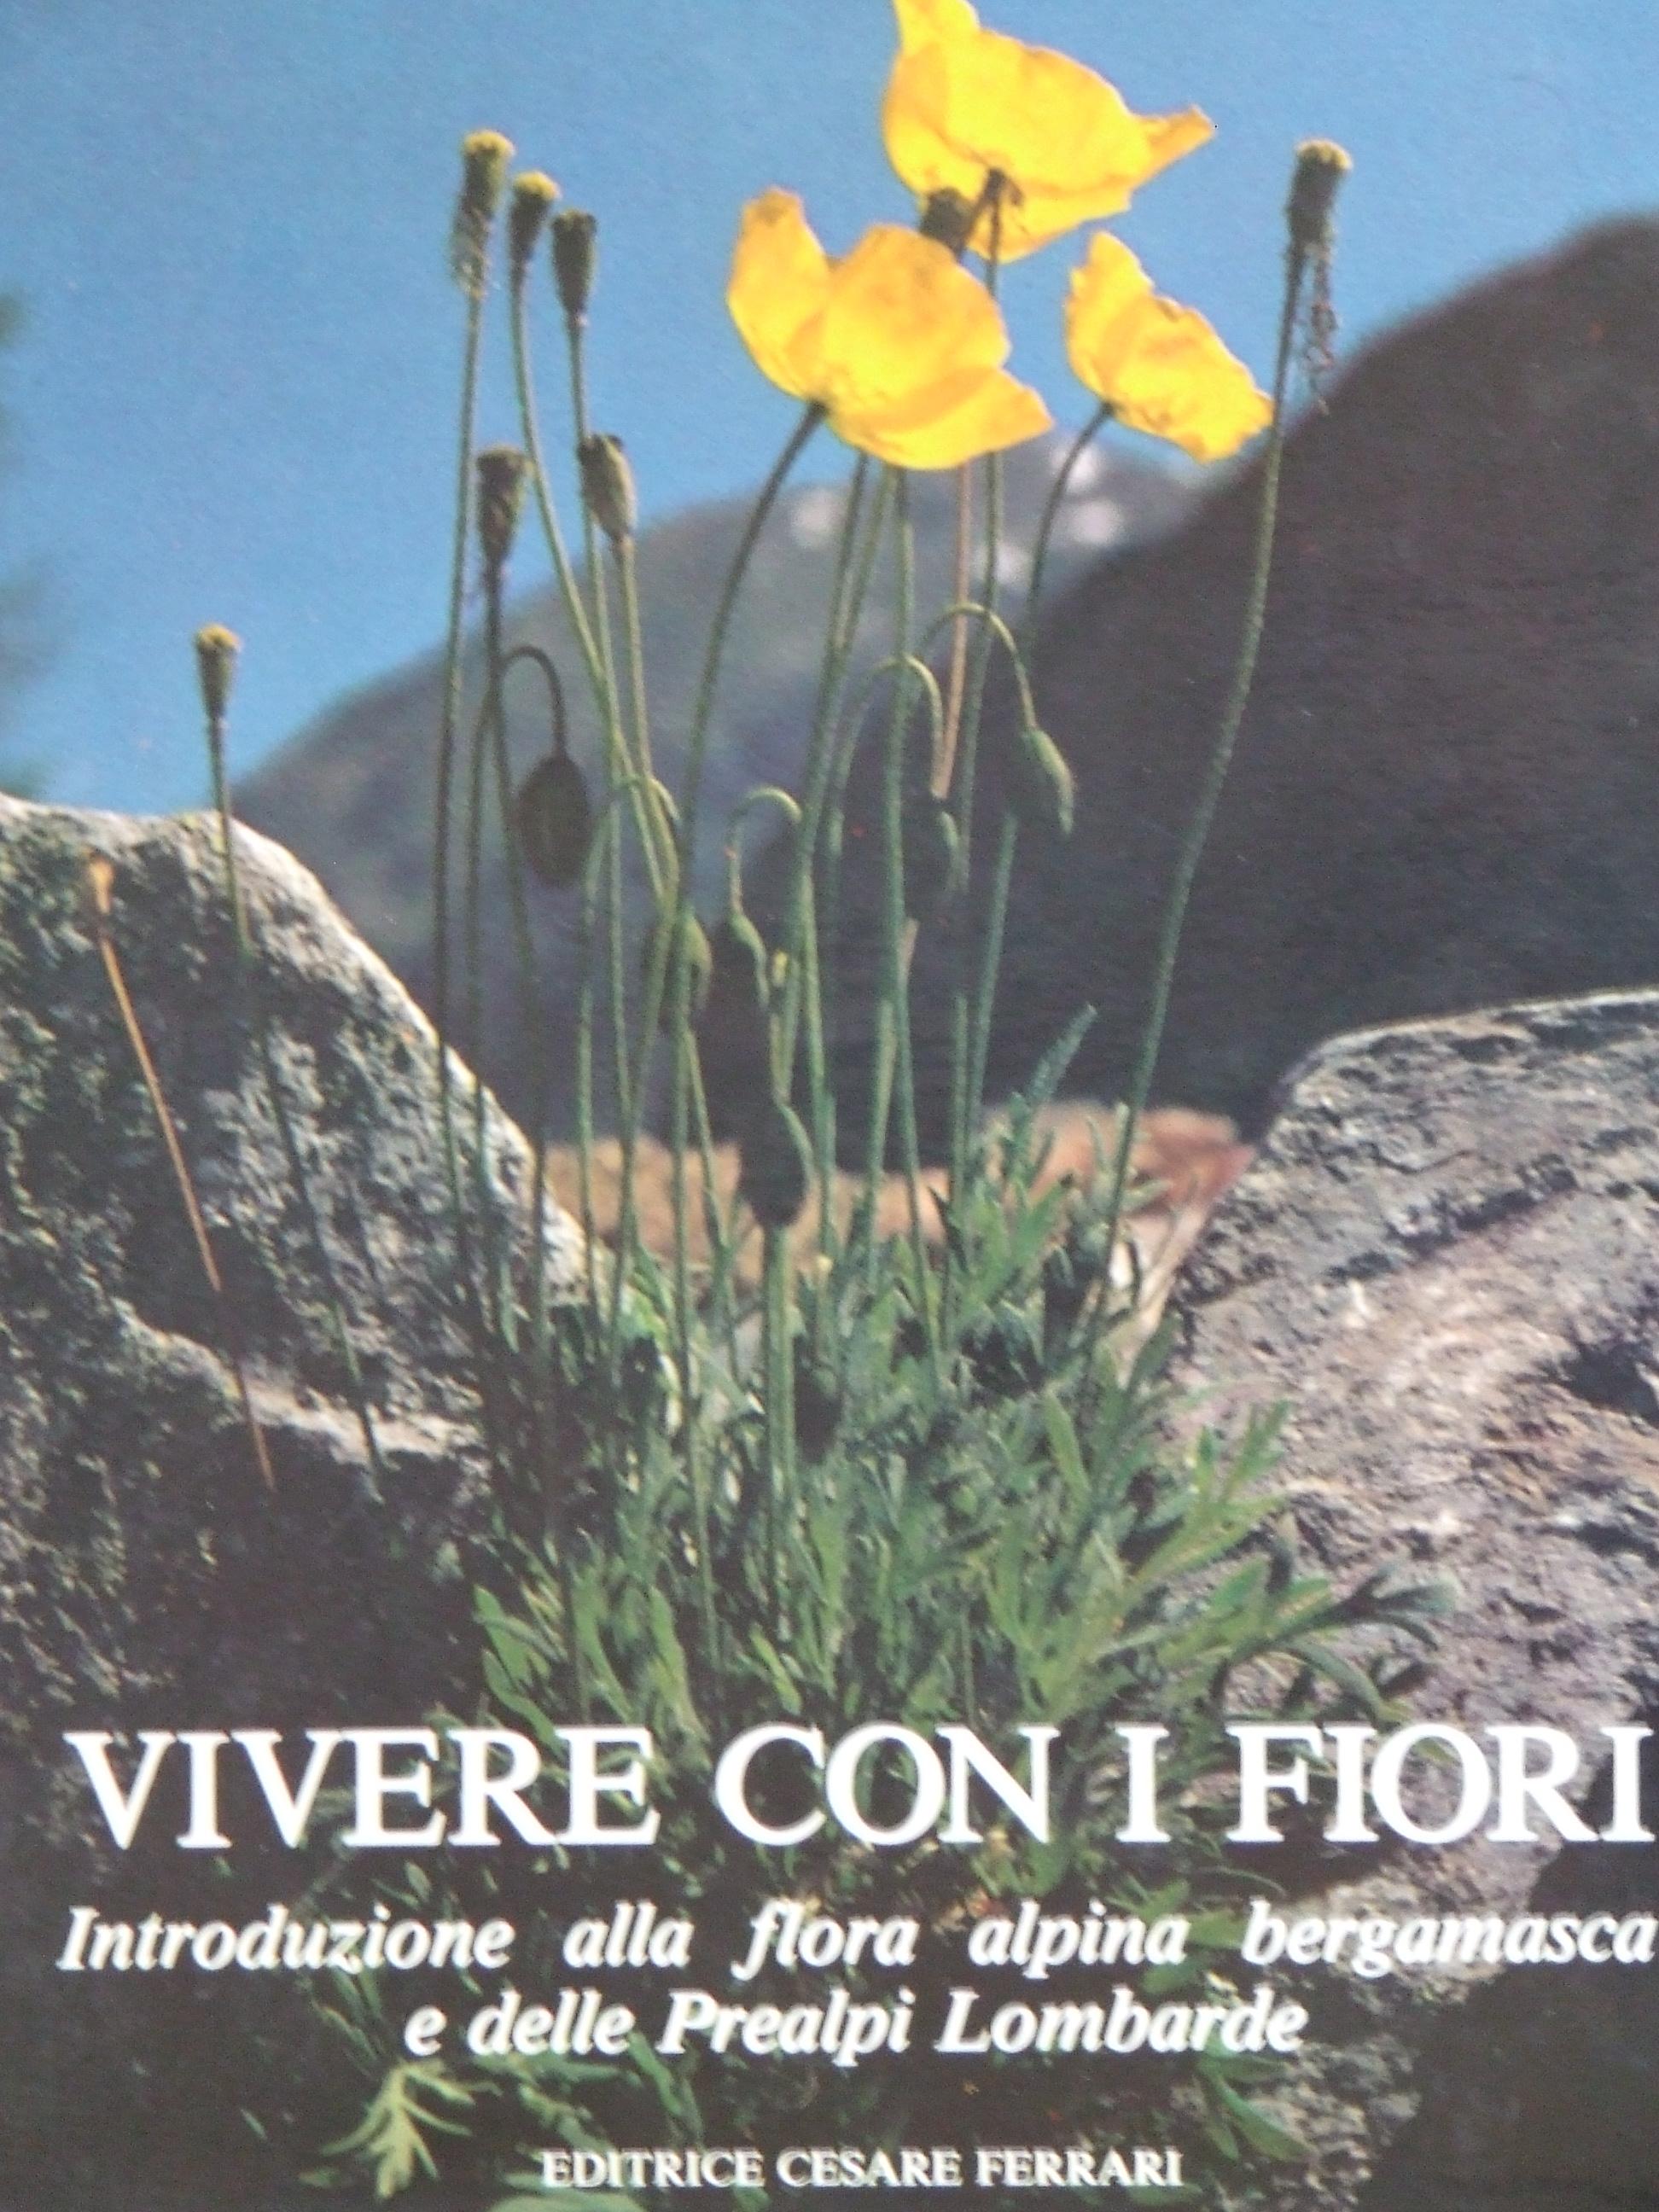 Vivere con i fiori